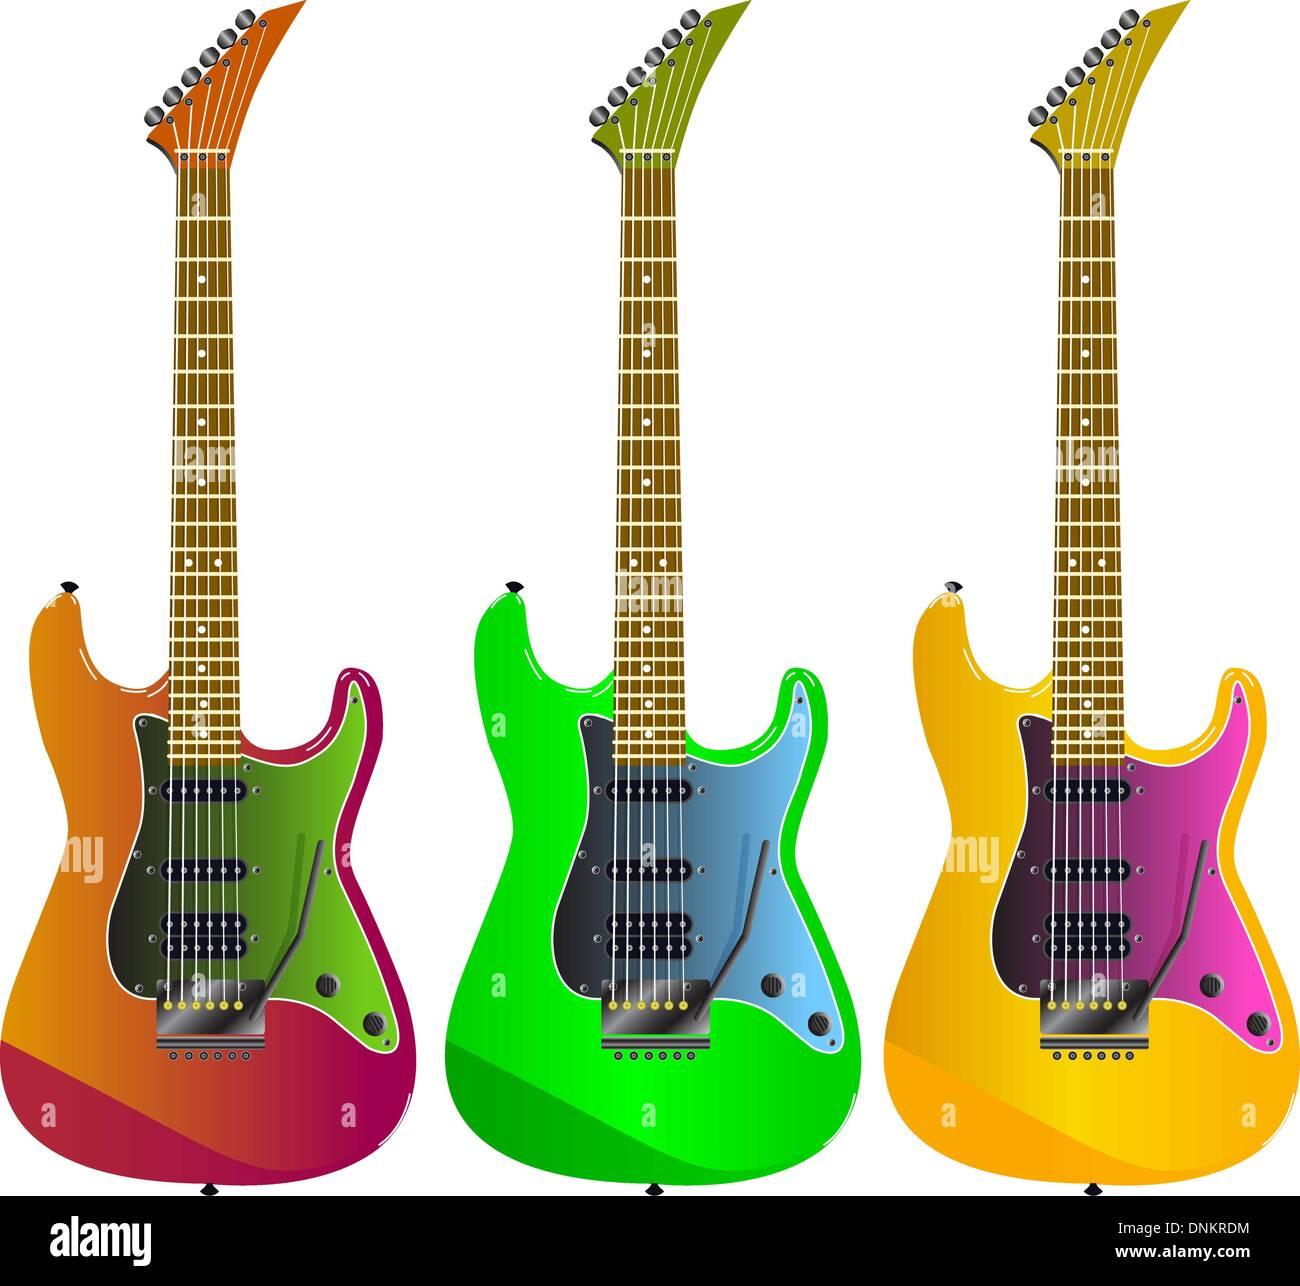 e-Gitarre auf einem weißen Hintergrund Stockbild